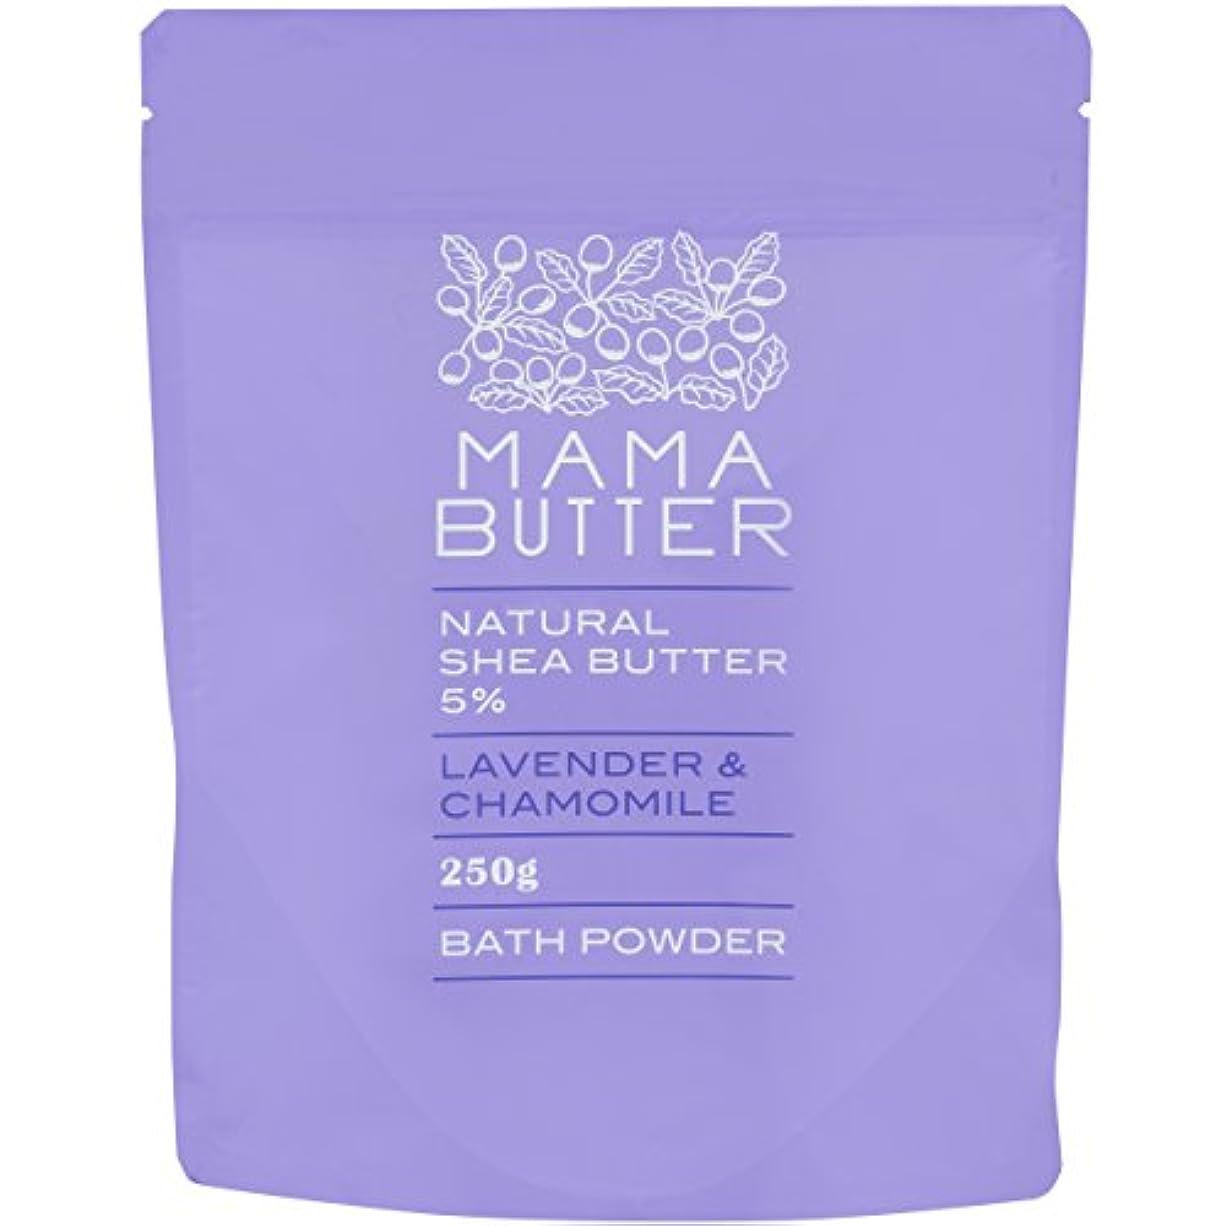 部分的に依存拮抗ママバター ナチュラル バスパウダー ラベンダー&カモミールの香り 250g